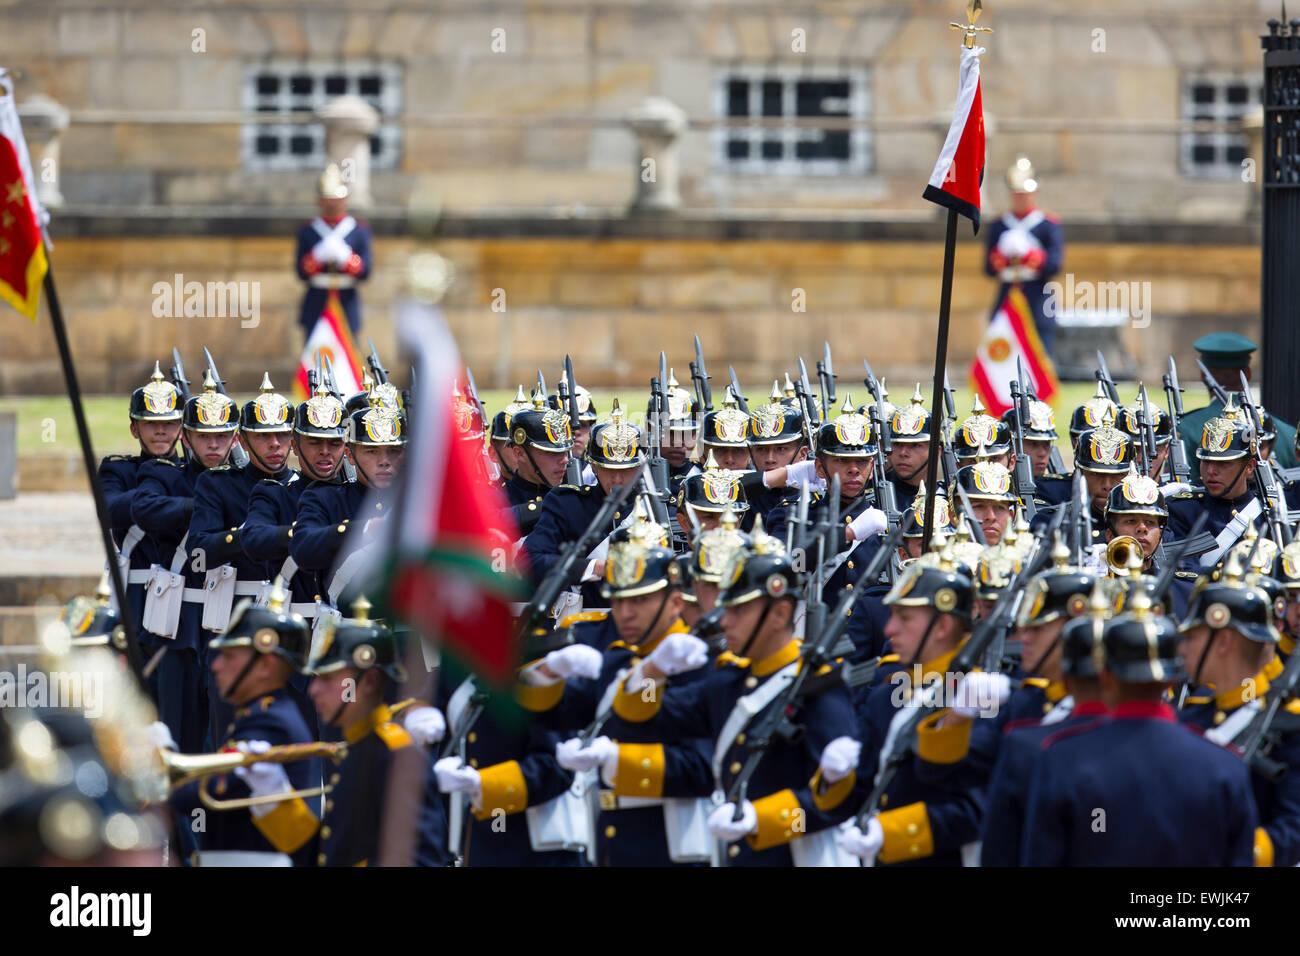 La Garde de cérémonie et marching band militaire arrivant à la résidence du Président à Photo Stock